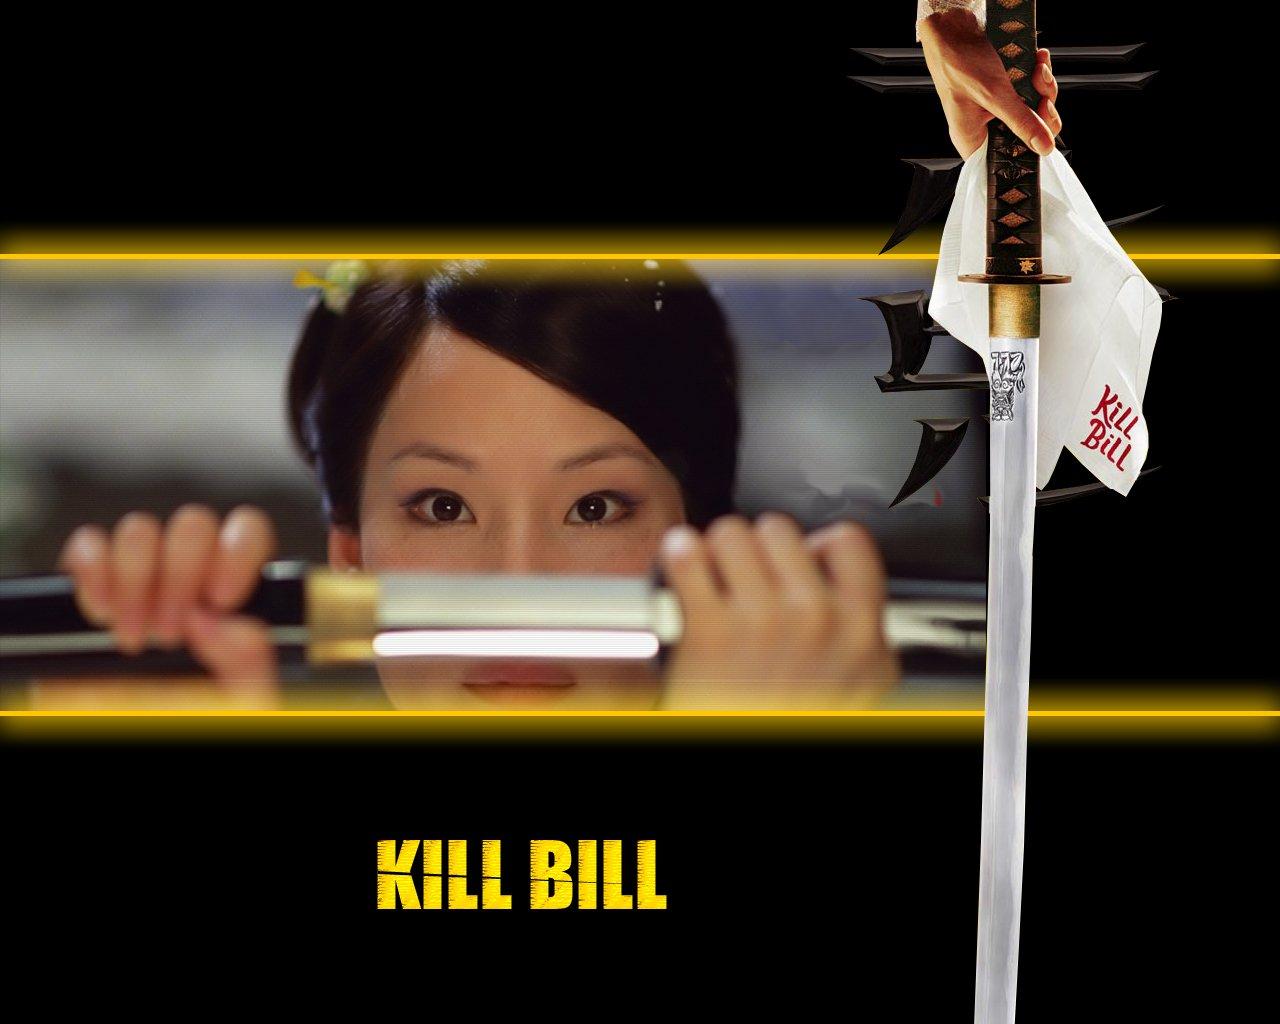 kill-bill12_1024.jpg